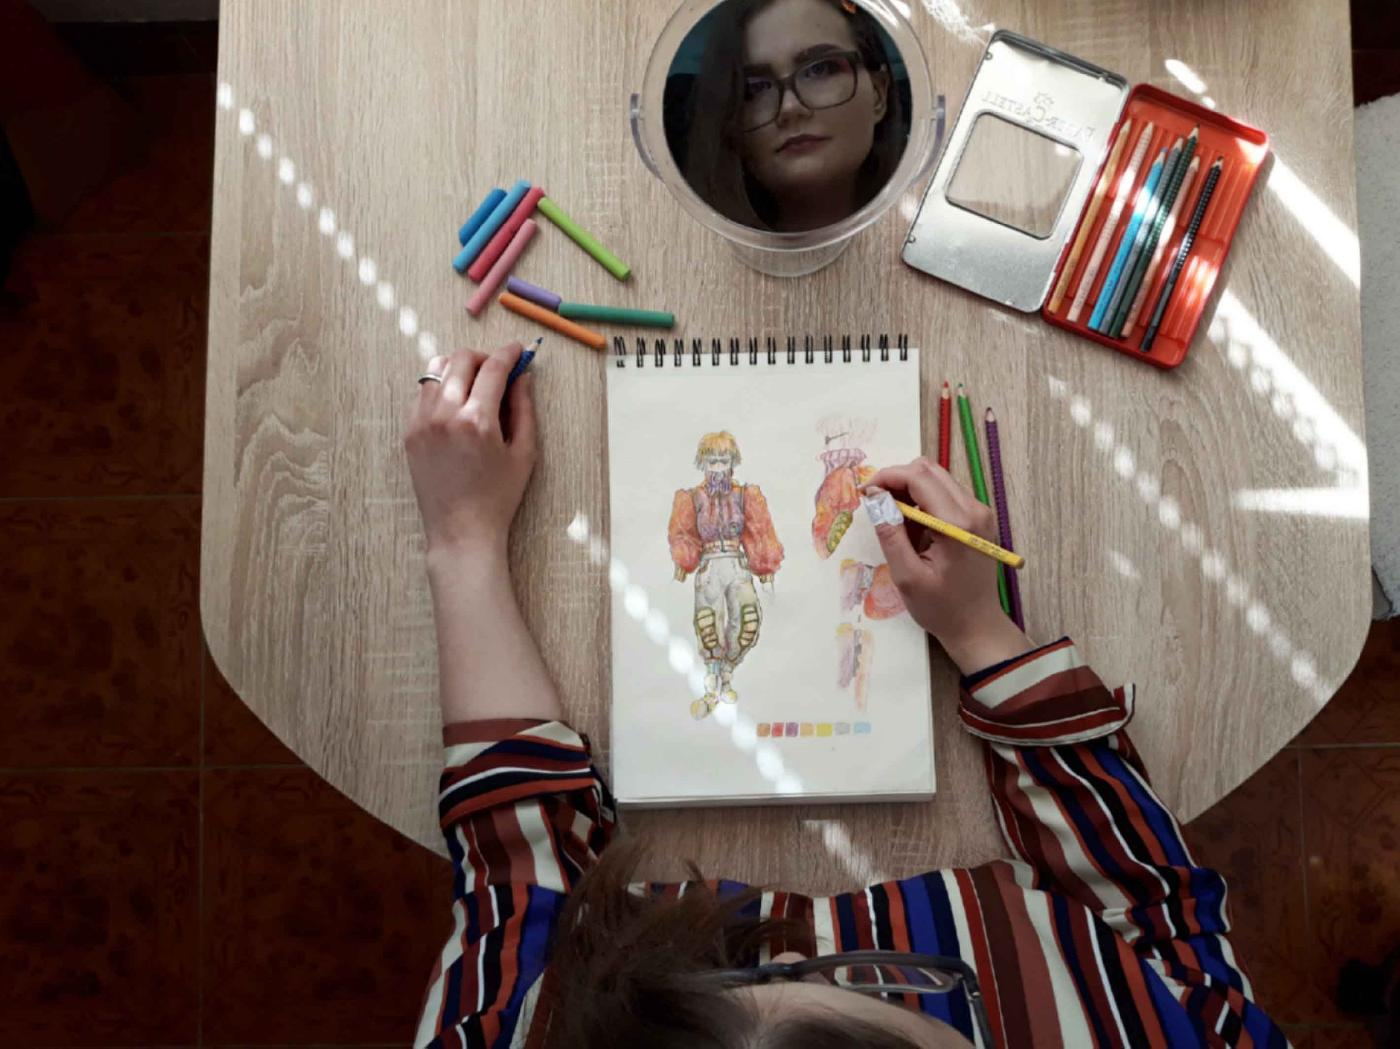 Kreativnost kao životno opredjeljenje